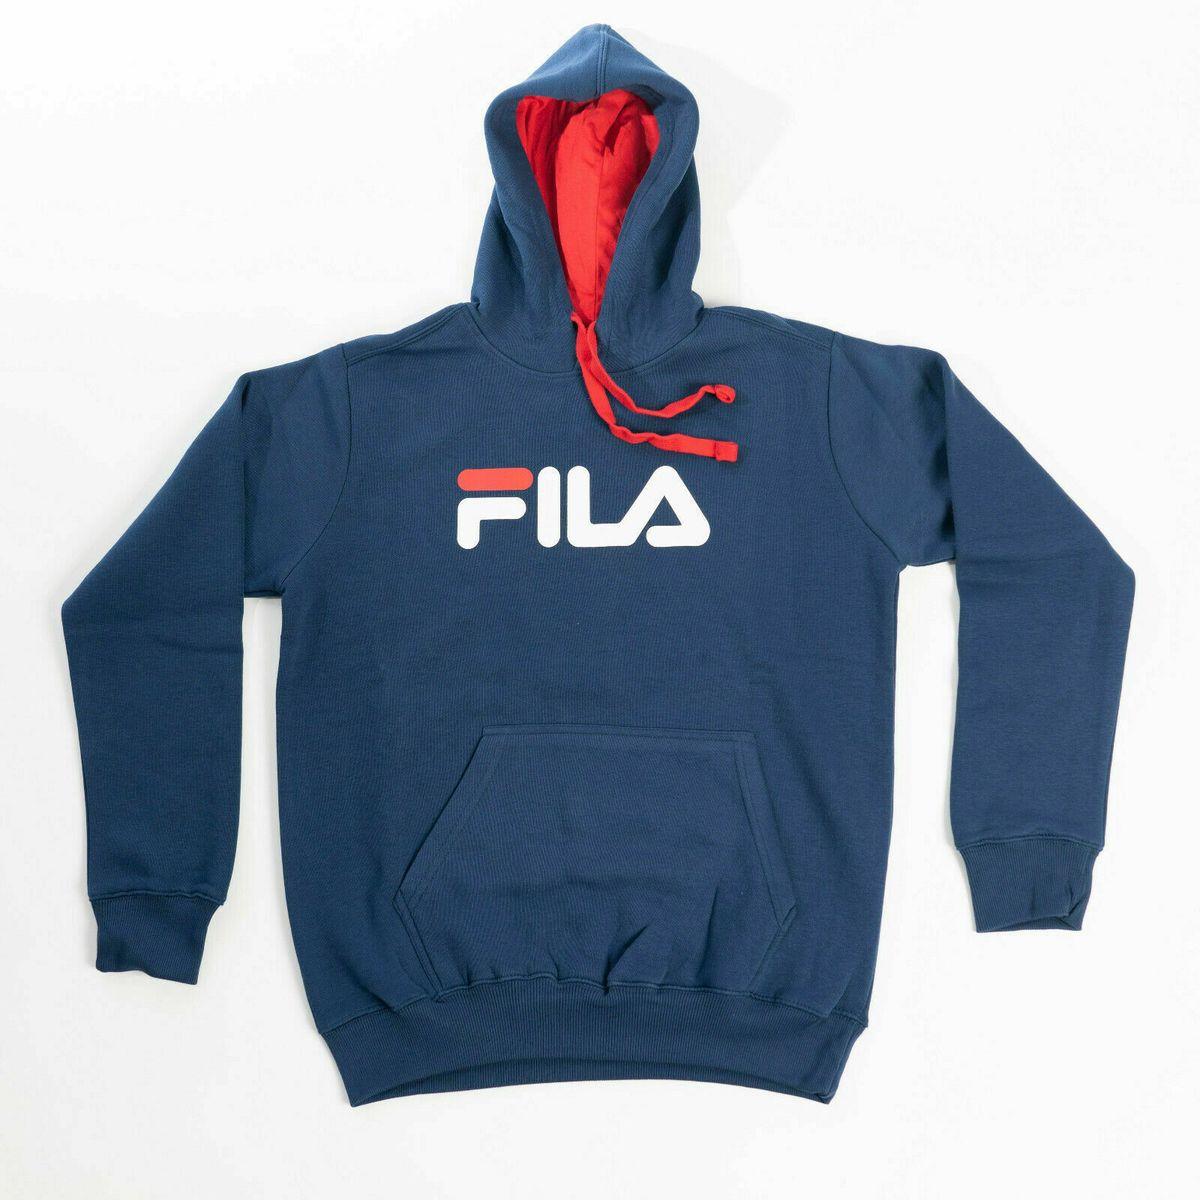 Fila Classic Hoodie in dunkelblau für 27,90 Euro (M-XXL) [Wieder da]